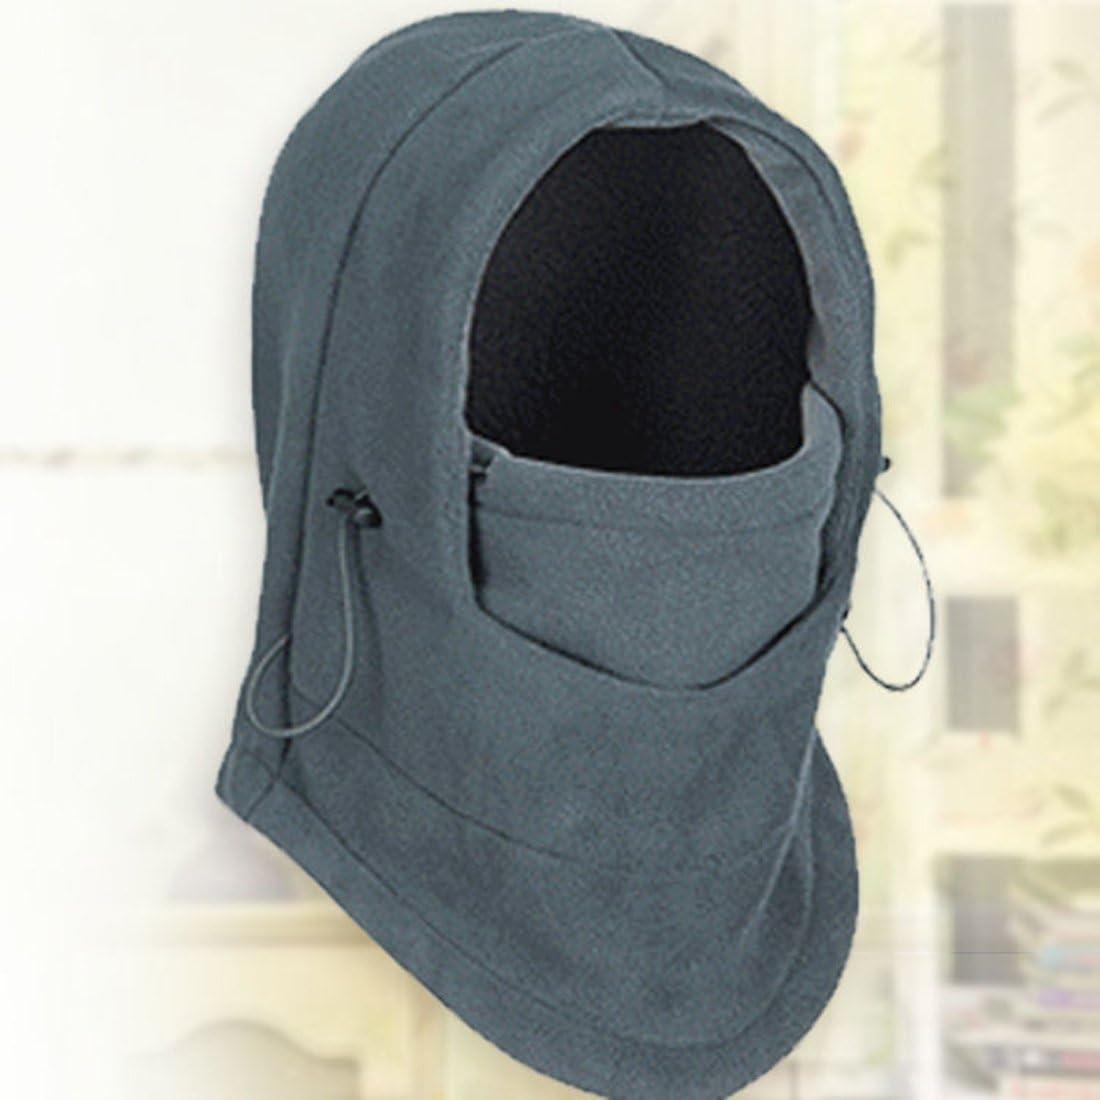 Sombreros Calientes del pa/ño Grueso y Suave del Invierno para el Calentador del Cuello del pa/ñuelo M/áscara Facial del pasamonta/ñas del Snowboard